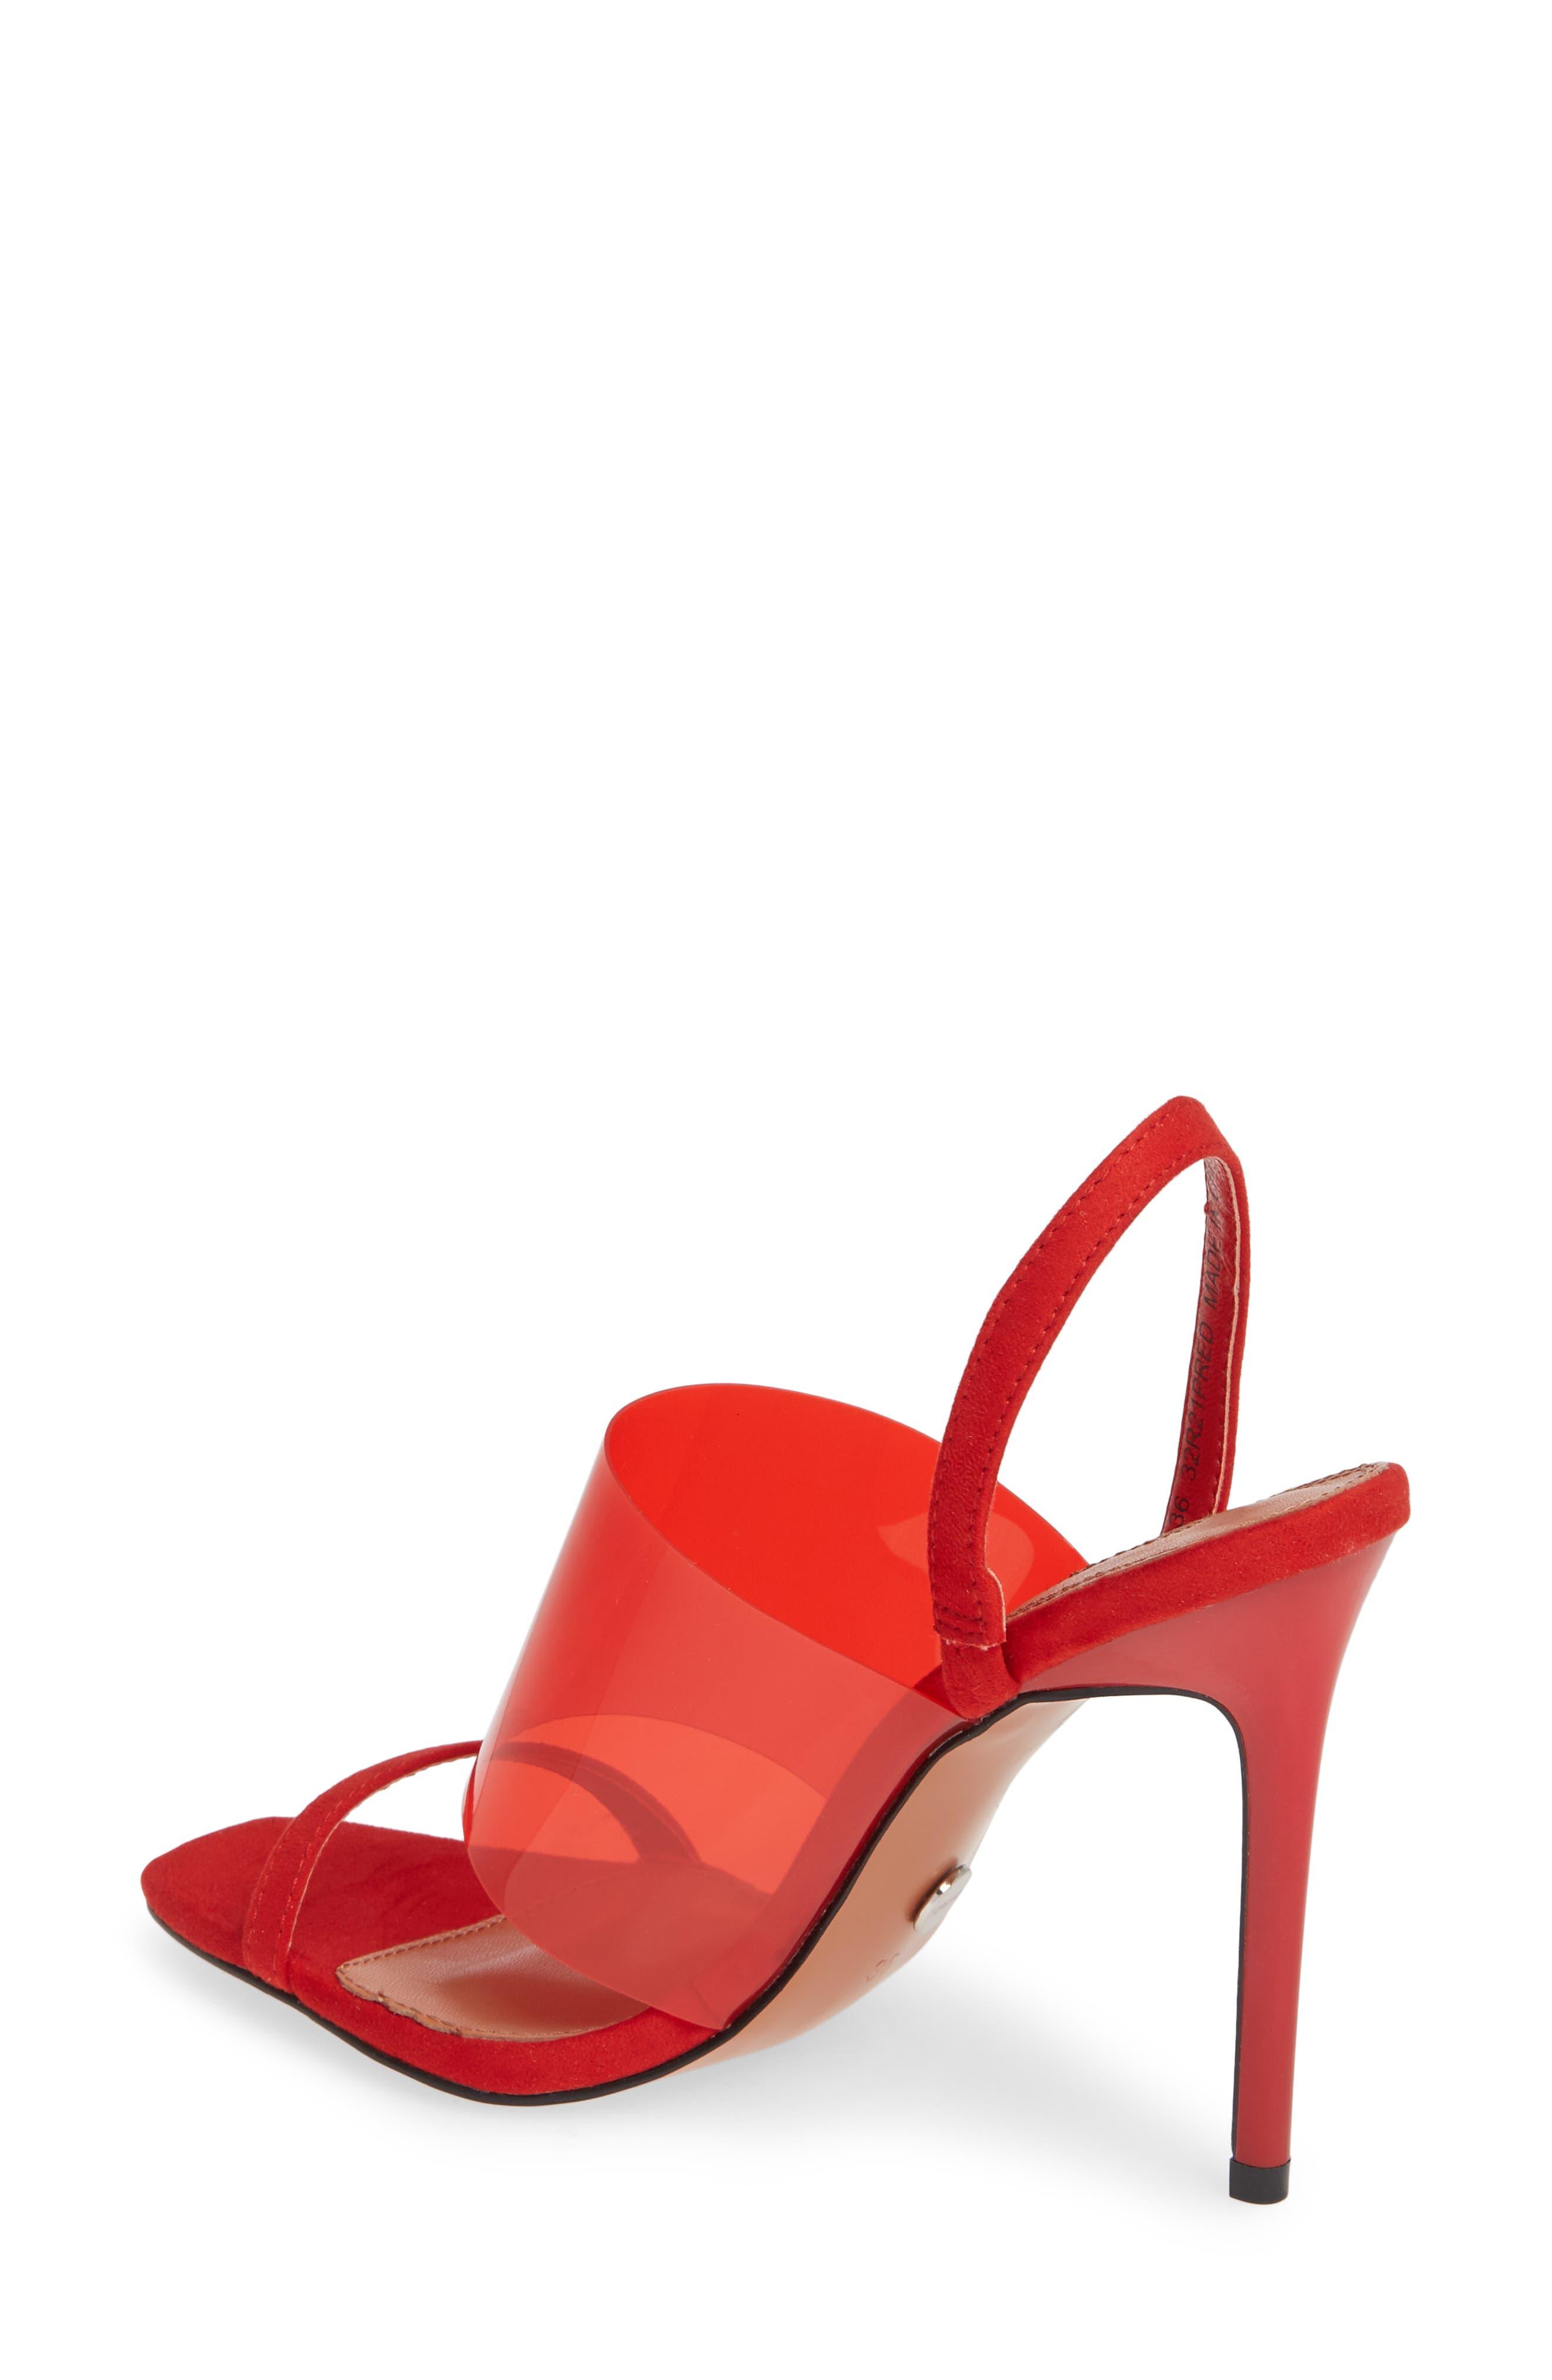 a6914776ede Topshop Women s Shoes